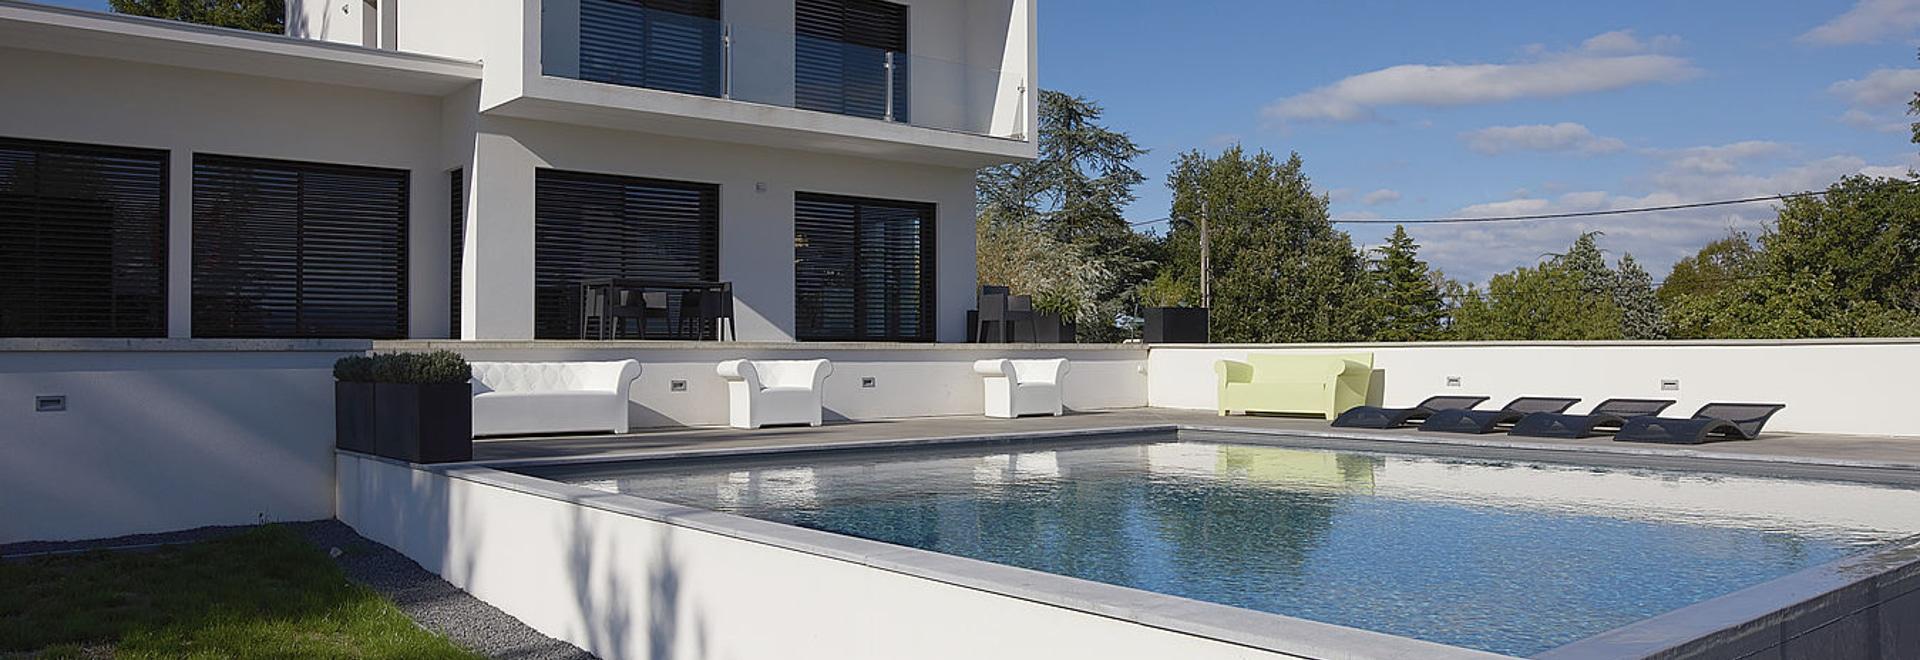 una piscina cuadrada pesonnalized para un diseño único… - piscines